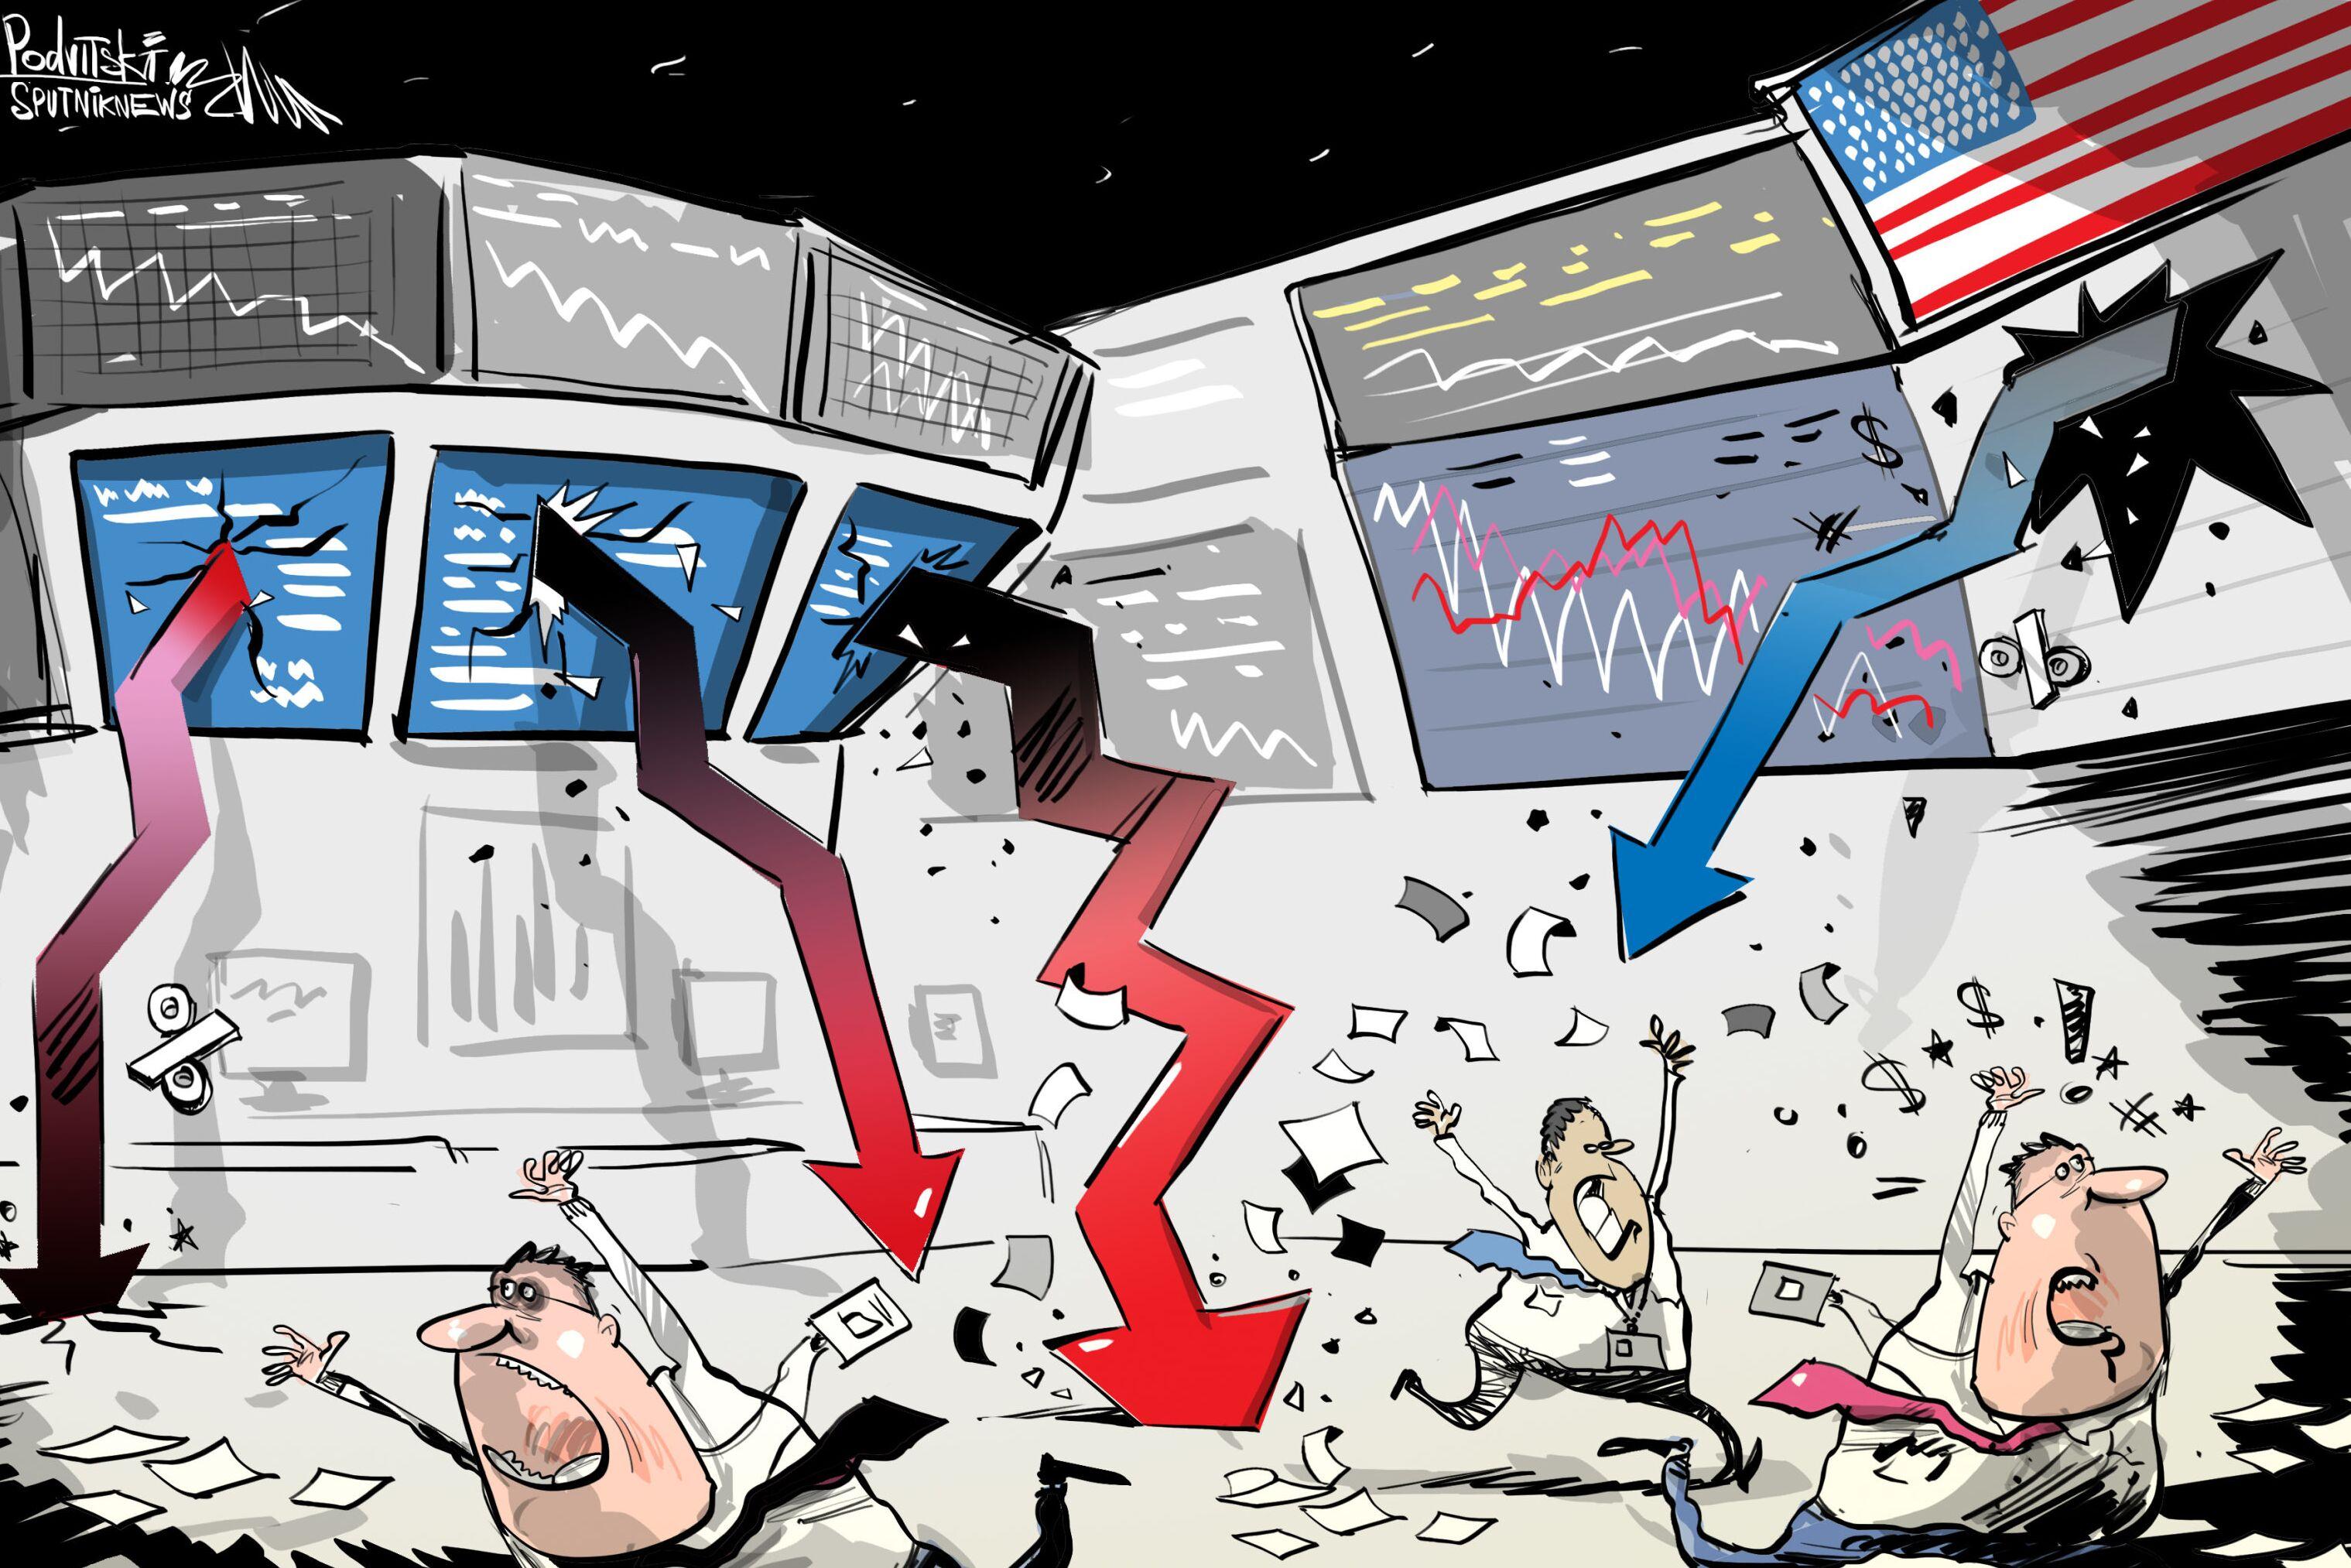 البورصة الأمريكية تسجل رقما قياسيا في الهبوط منذ عام 1987